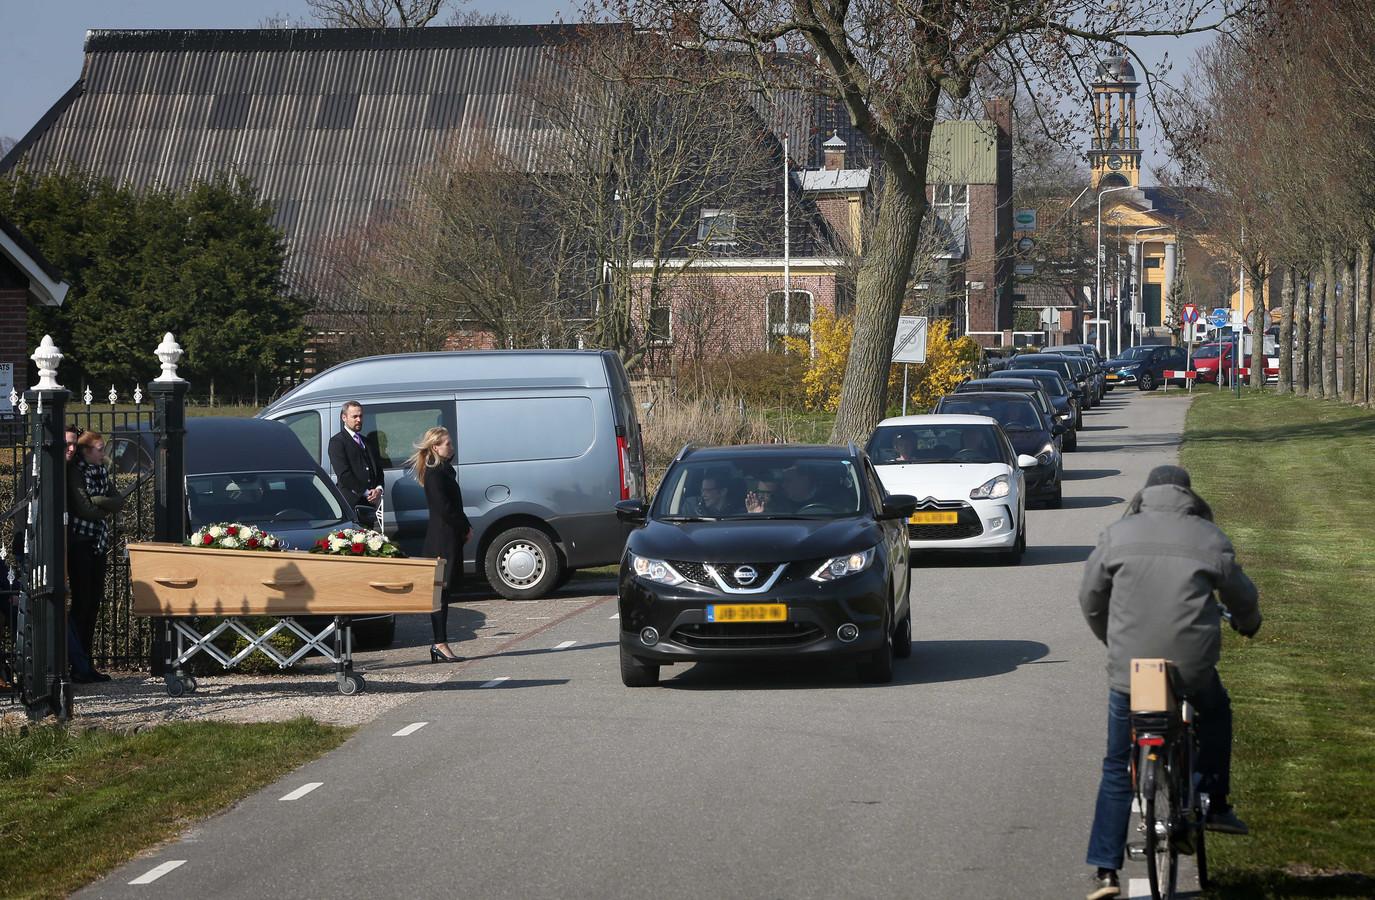 Nabestaanden nemen vanuit de auto afscheid van de overledene. Wegens de coronacrisis zijn er niet meer dan 30 mensen welkom bij begrafenissen.